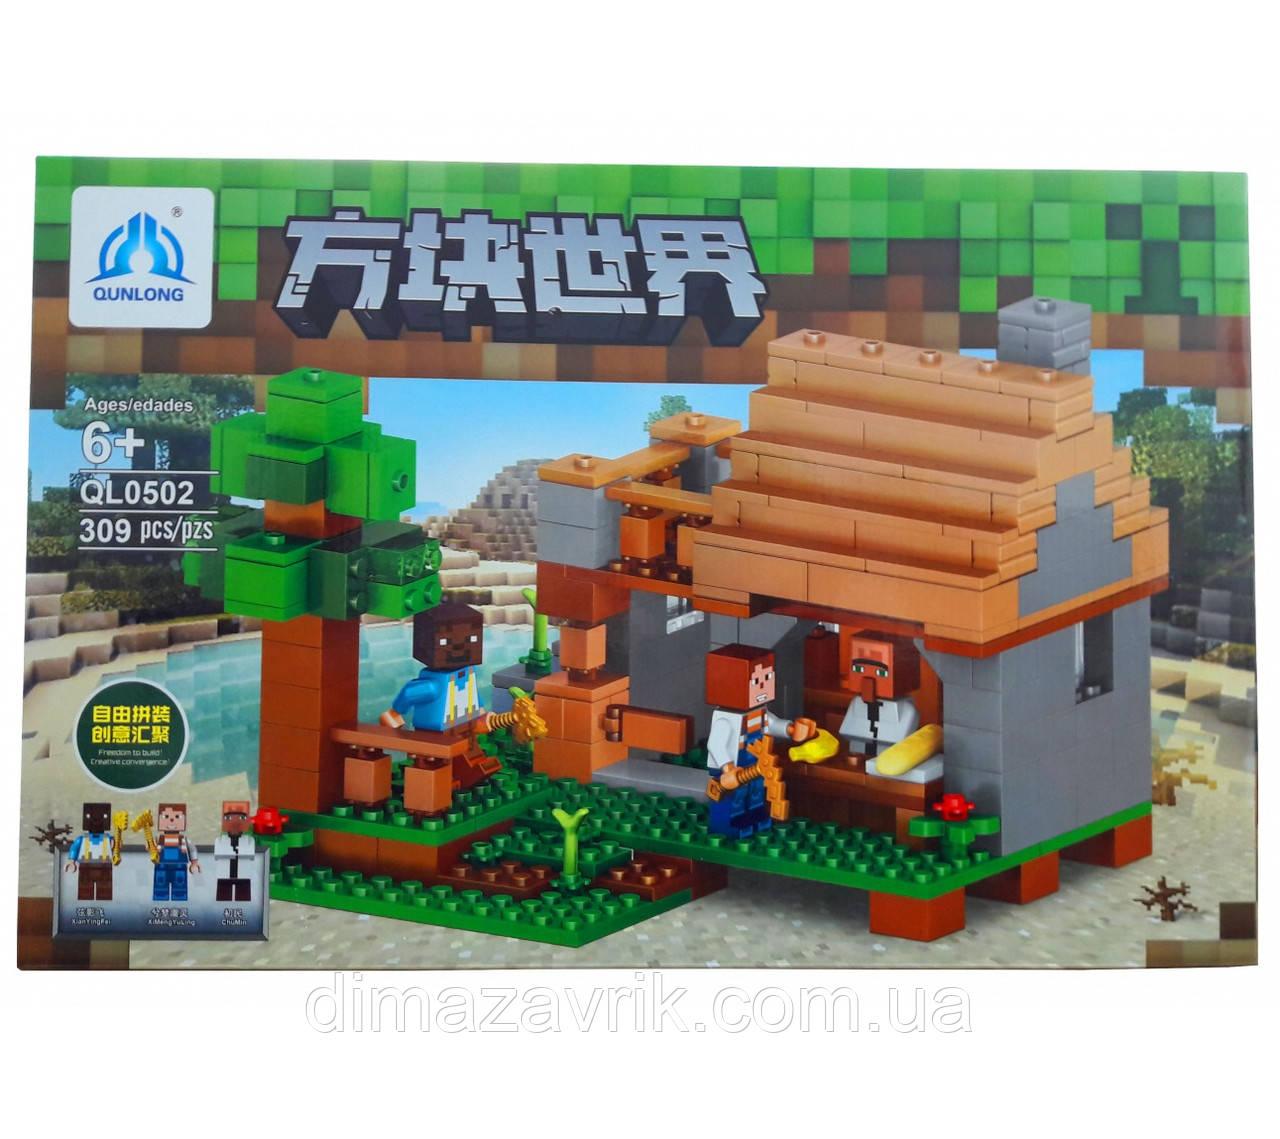 """Конструктор ql0502 (Аналог LegoMinecraft) """"Домик""""309 деталей"""